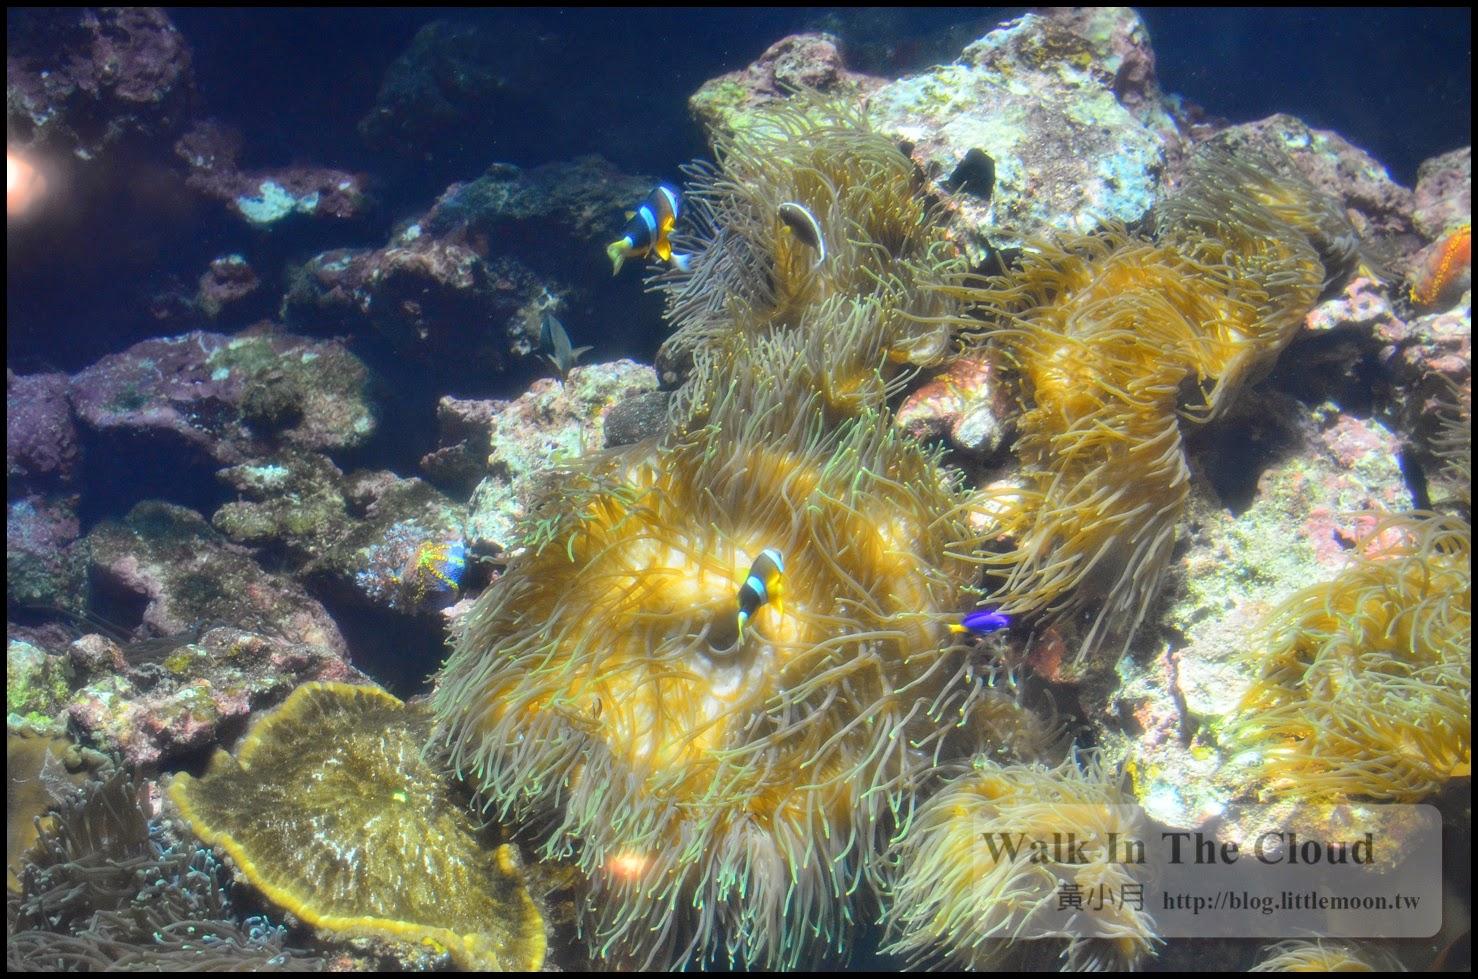 金光閃閃的珊瑚與小丑魚尼莫